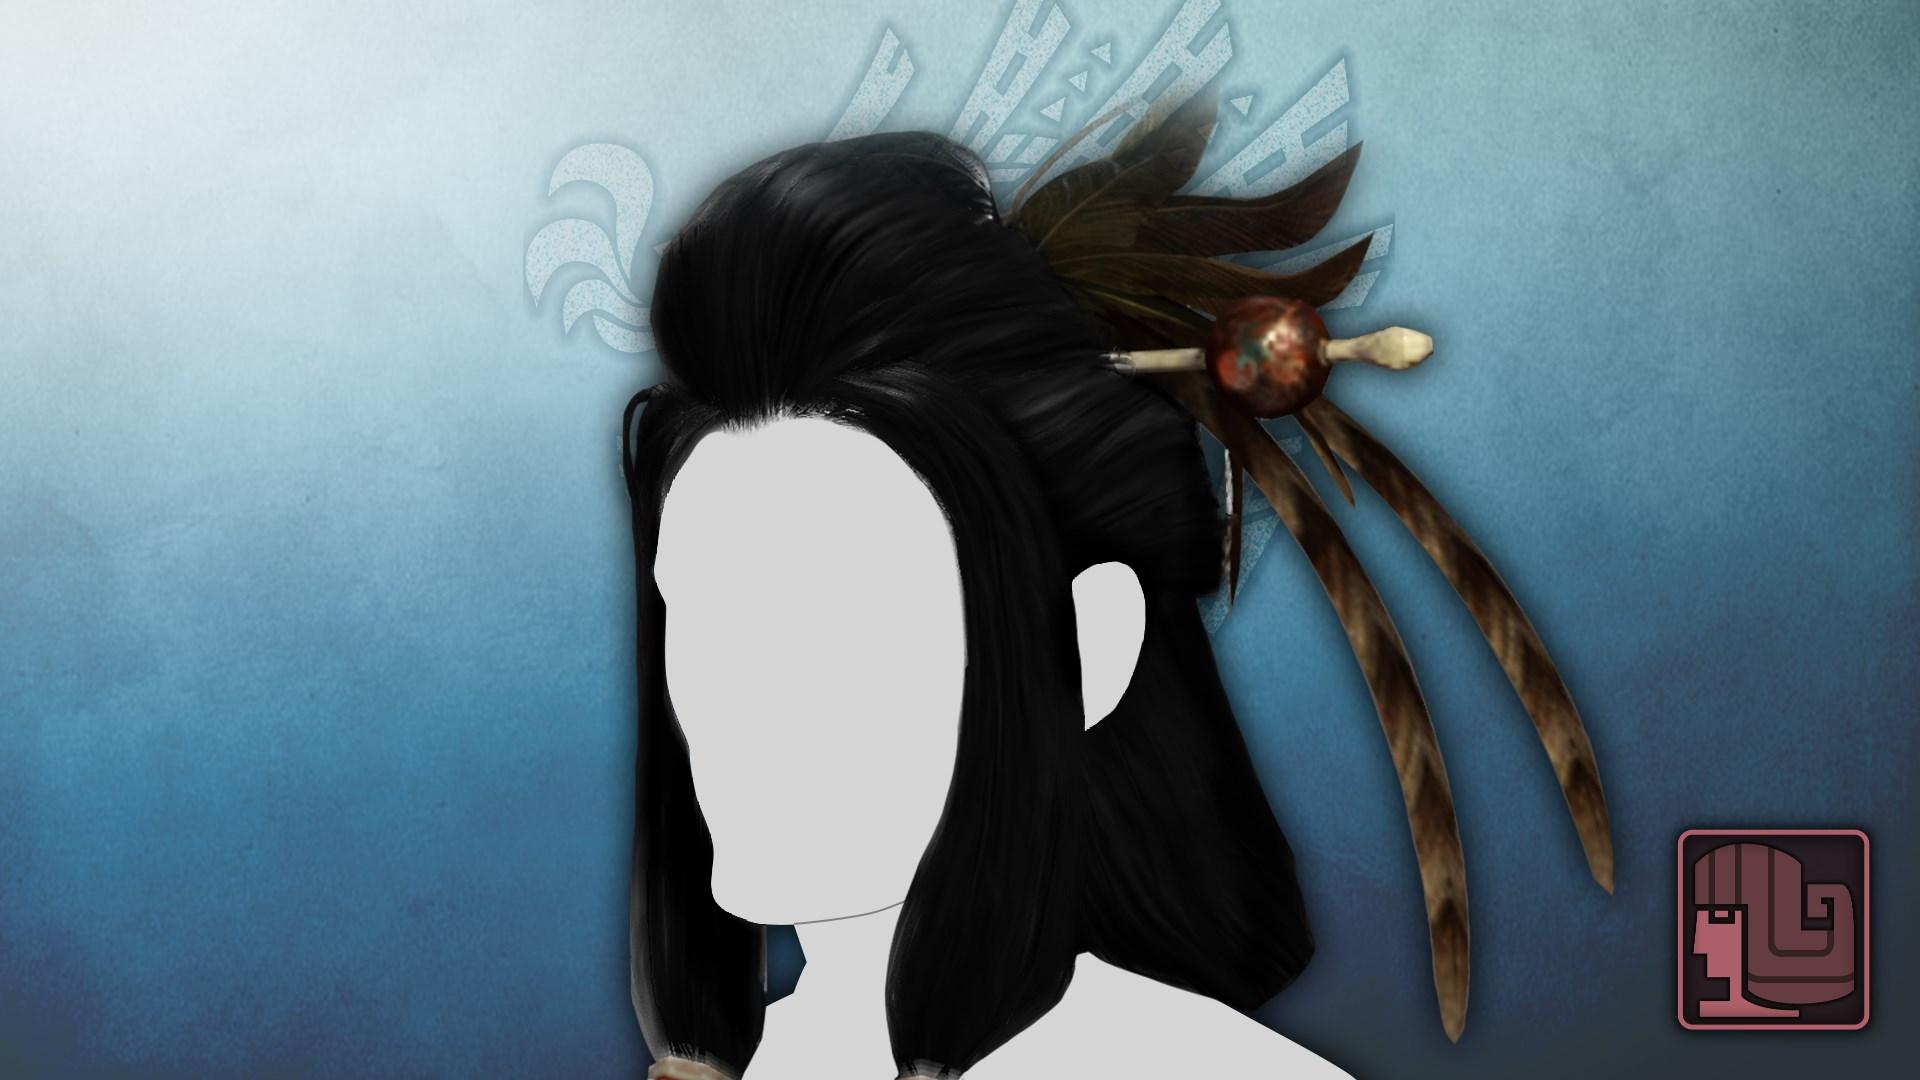 Hairstyle: Third Fleet Master